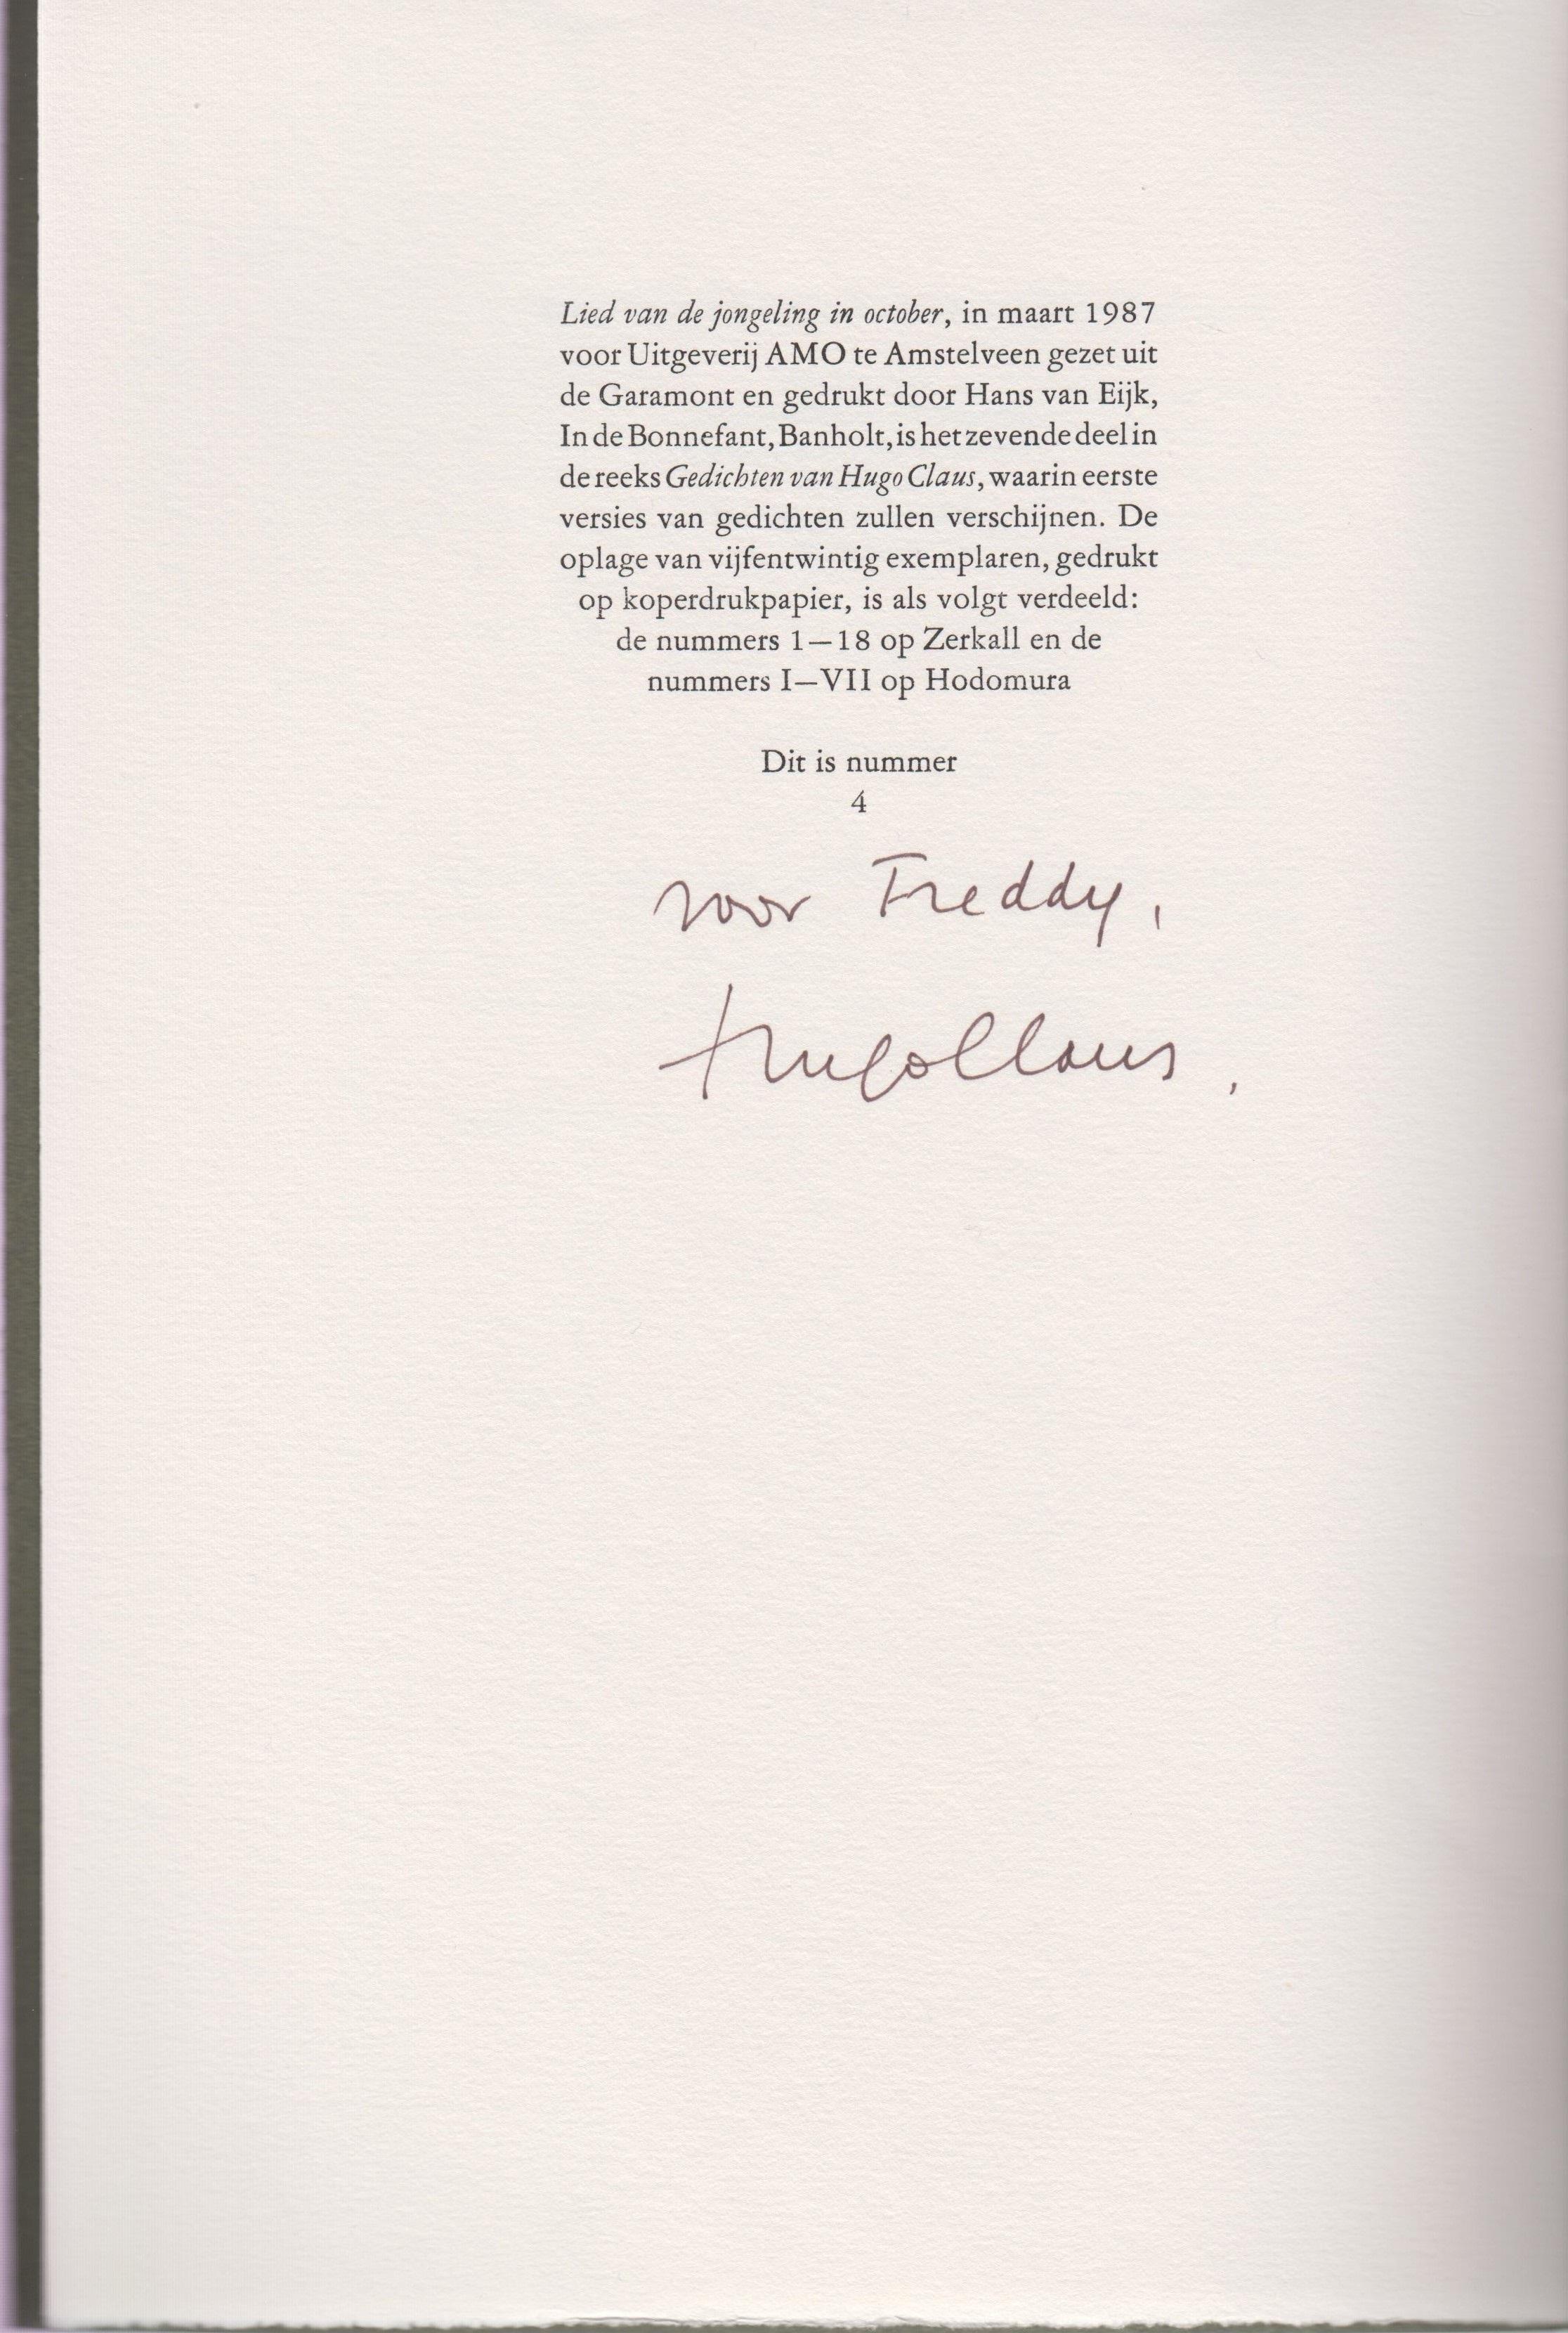 Nieuwsbrief 685 Gedichten Van Hugo Claus Antiquariaat Fokas Holthuis